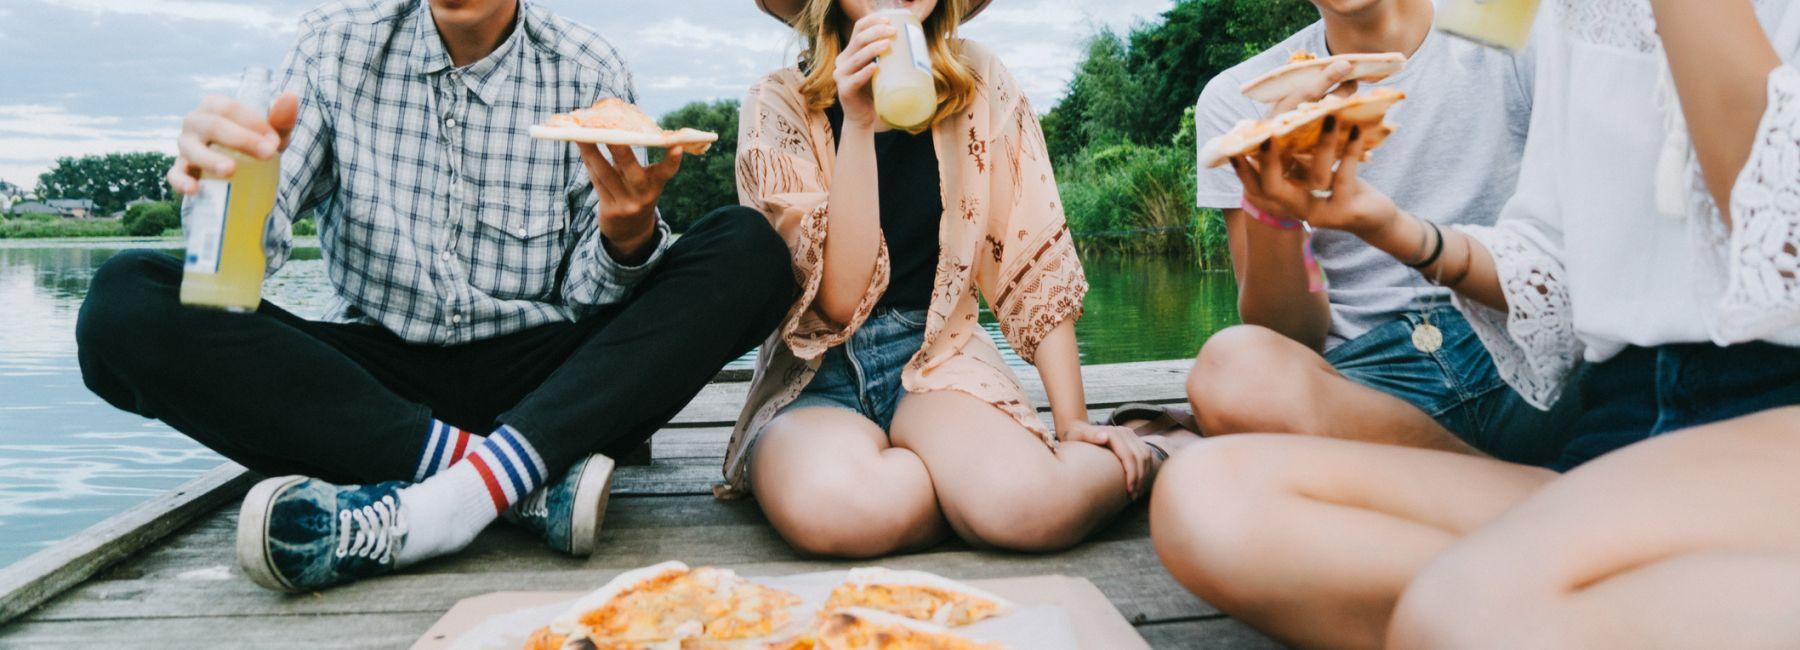 Picnic Pizza